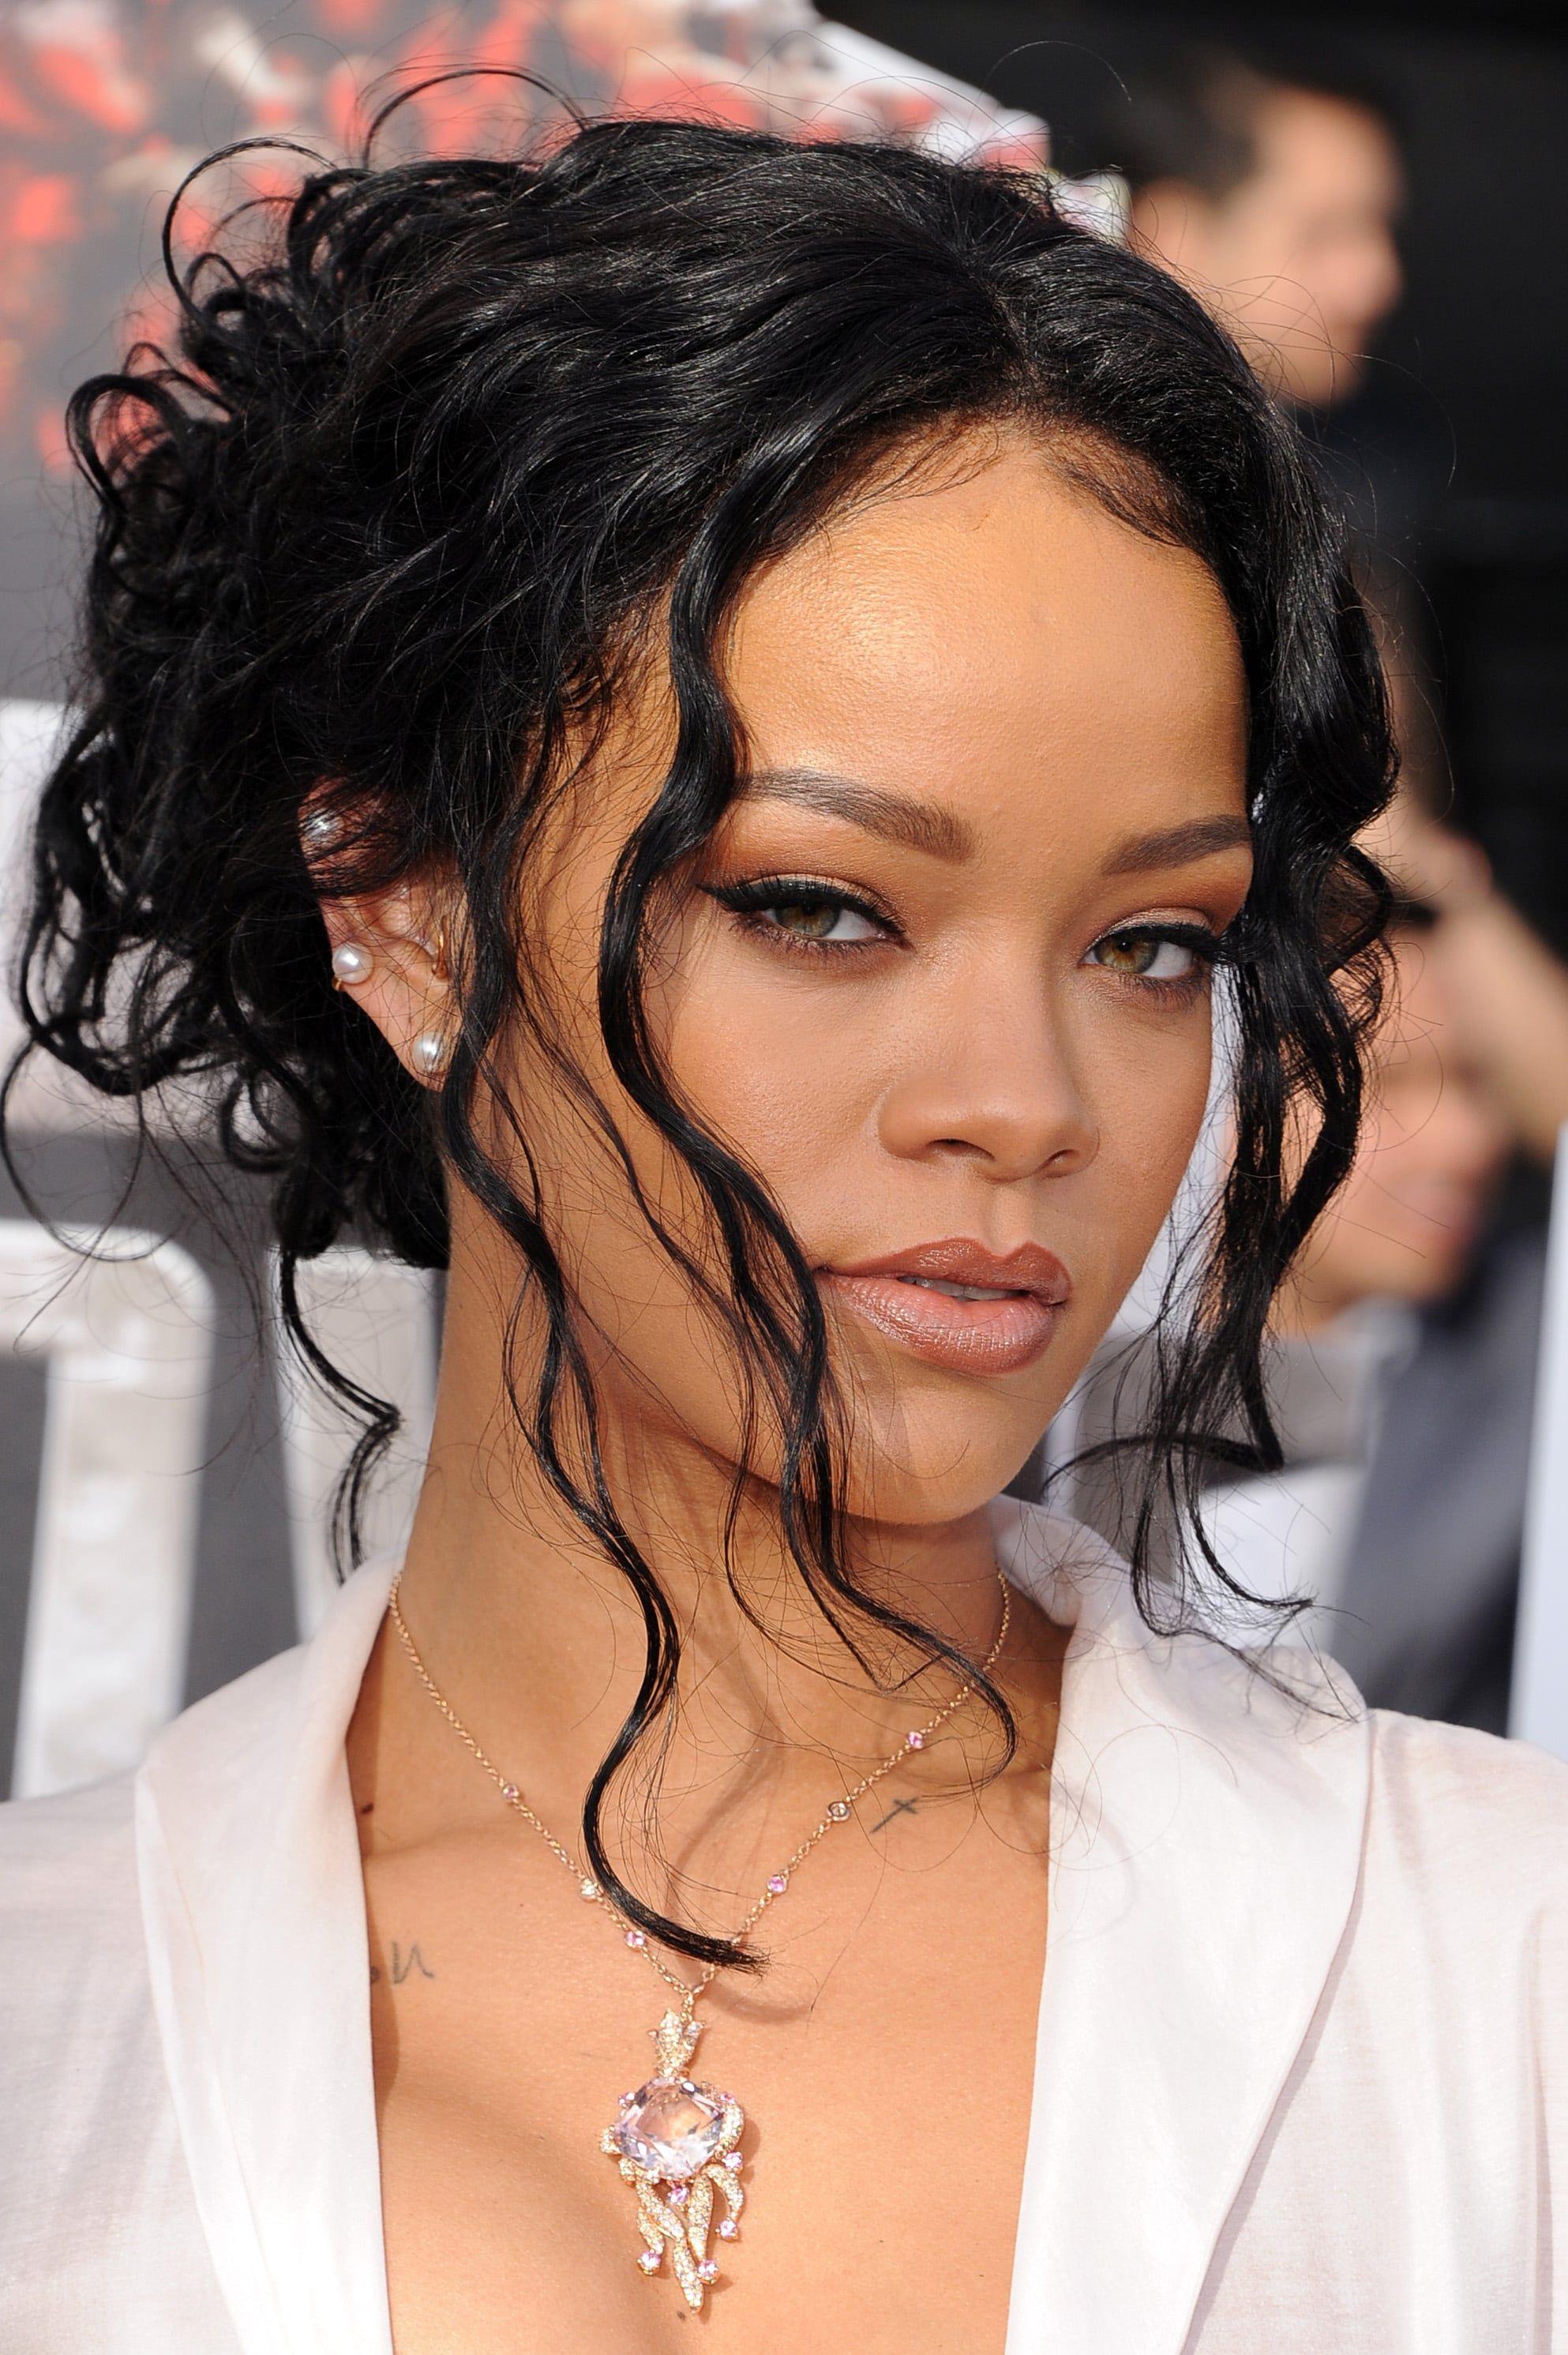 Rihanna Has No Fear at the MTV Movie Awards